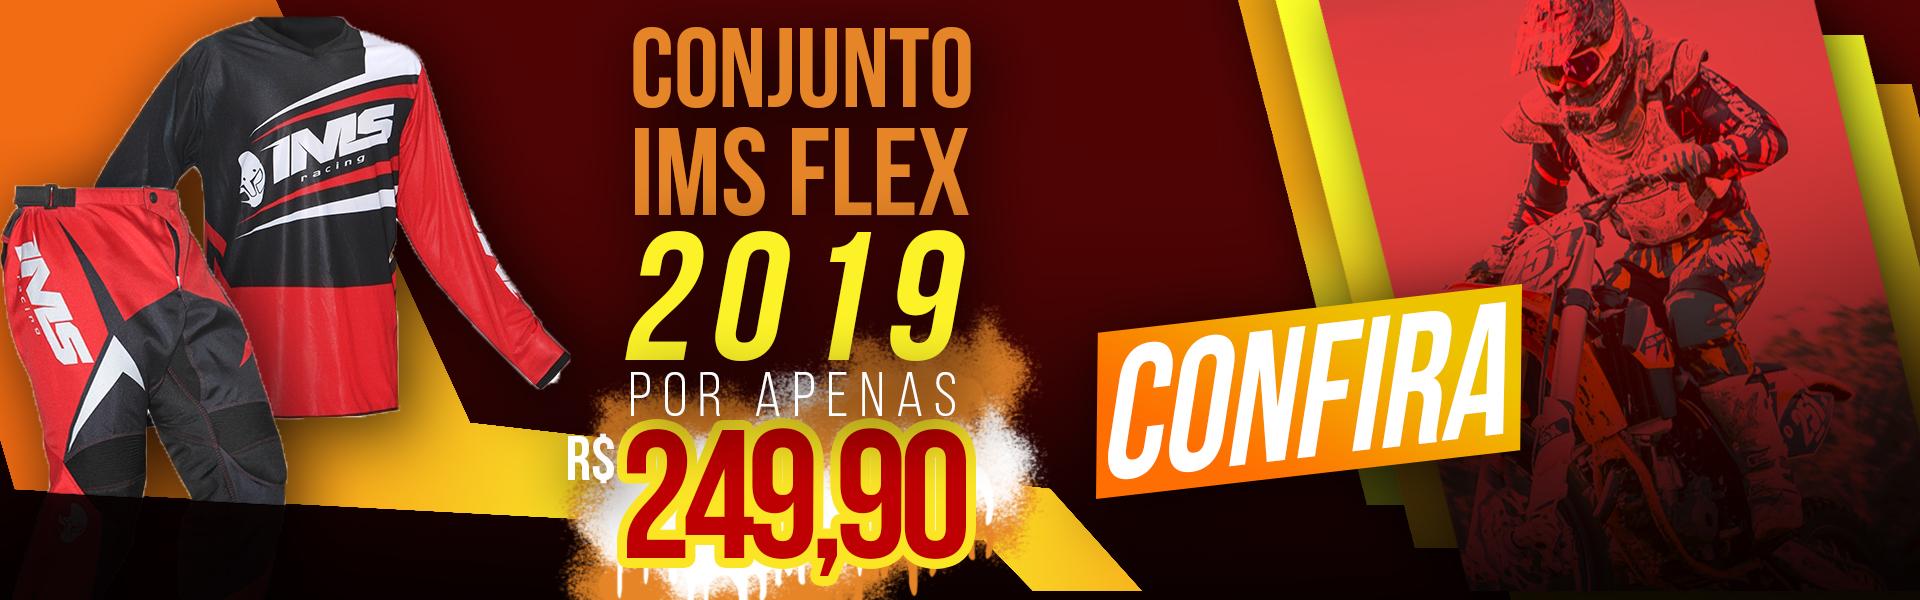 Conjunto IMS Flex 2019